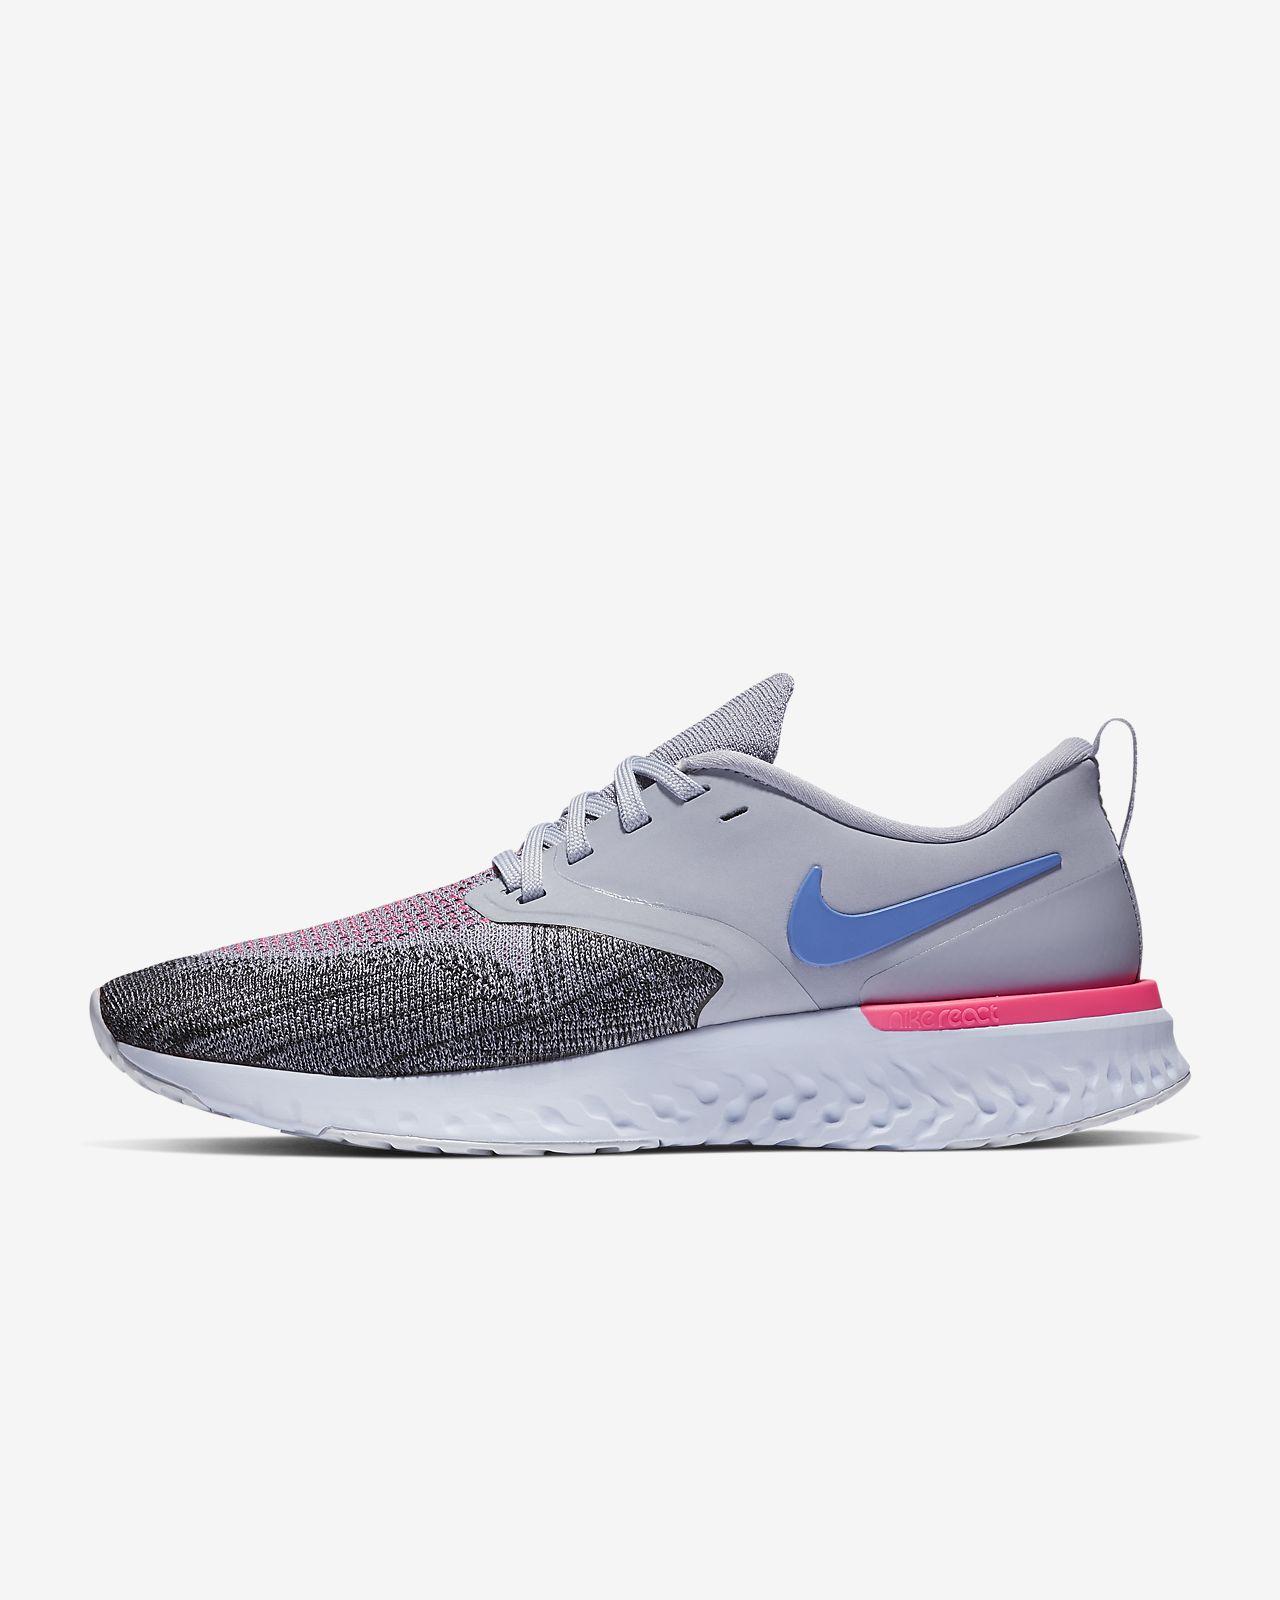 705d195e1084c8 Nike Odyssey React Flyknit 2 Damen-Laufschuh. Nike.com LU